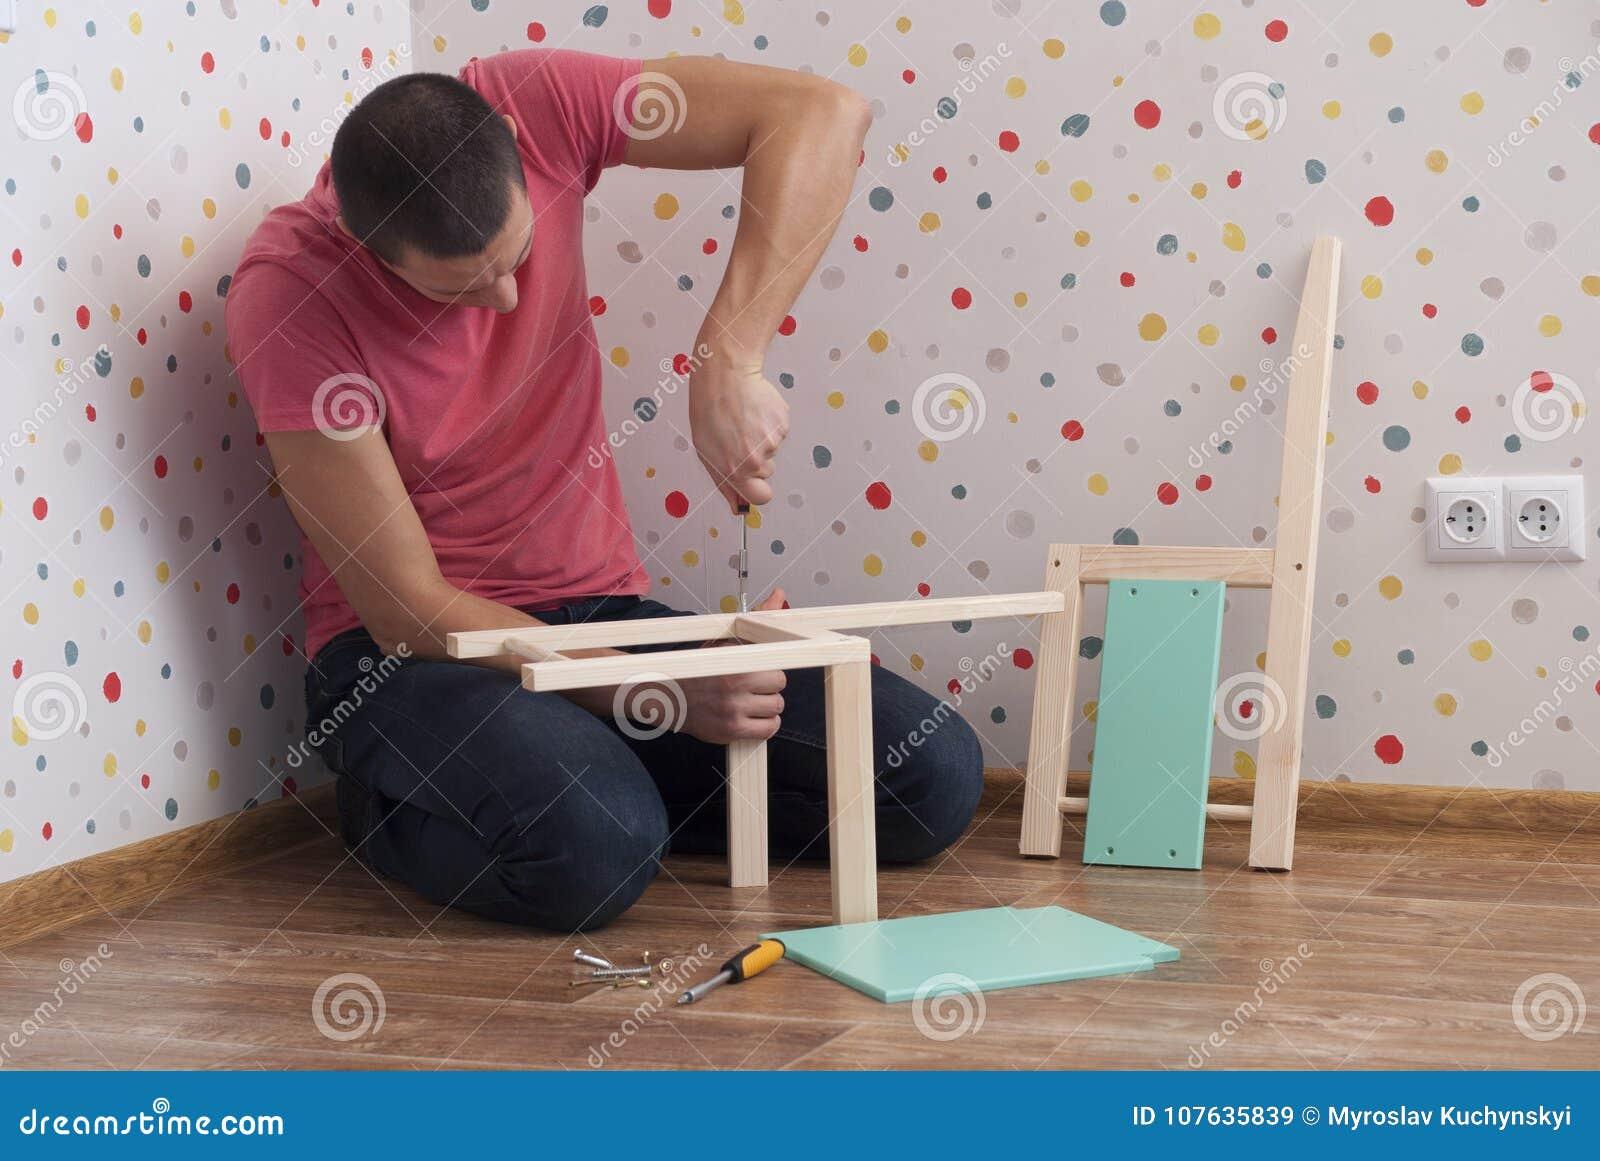 Il padre monta una sedia per i bambini